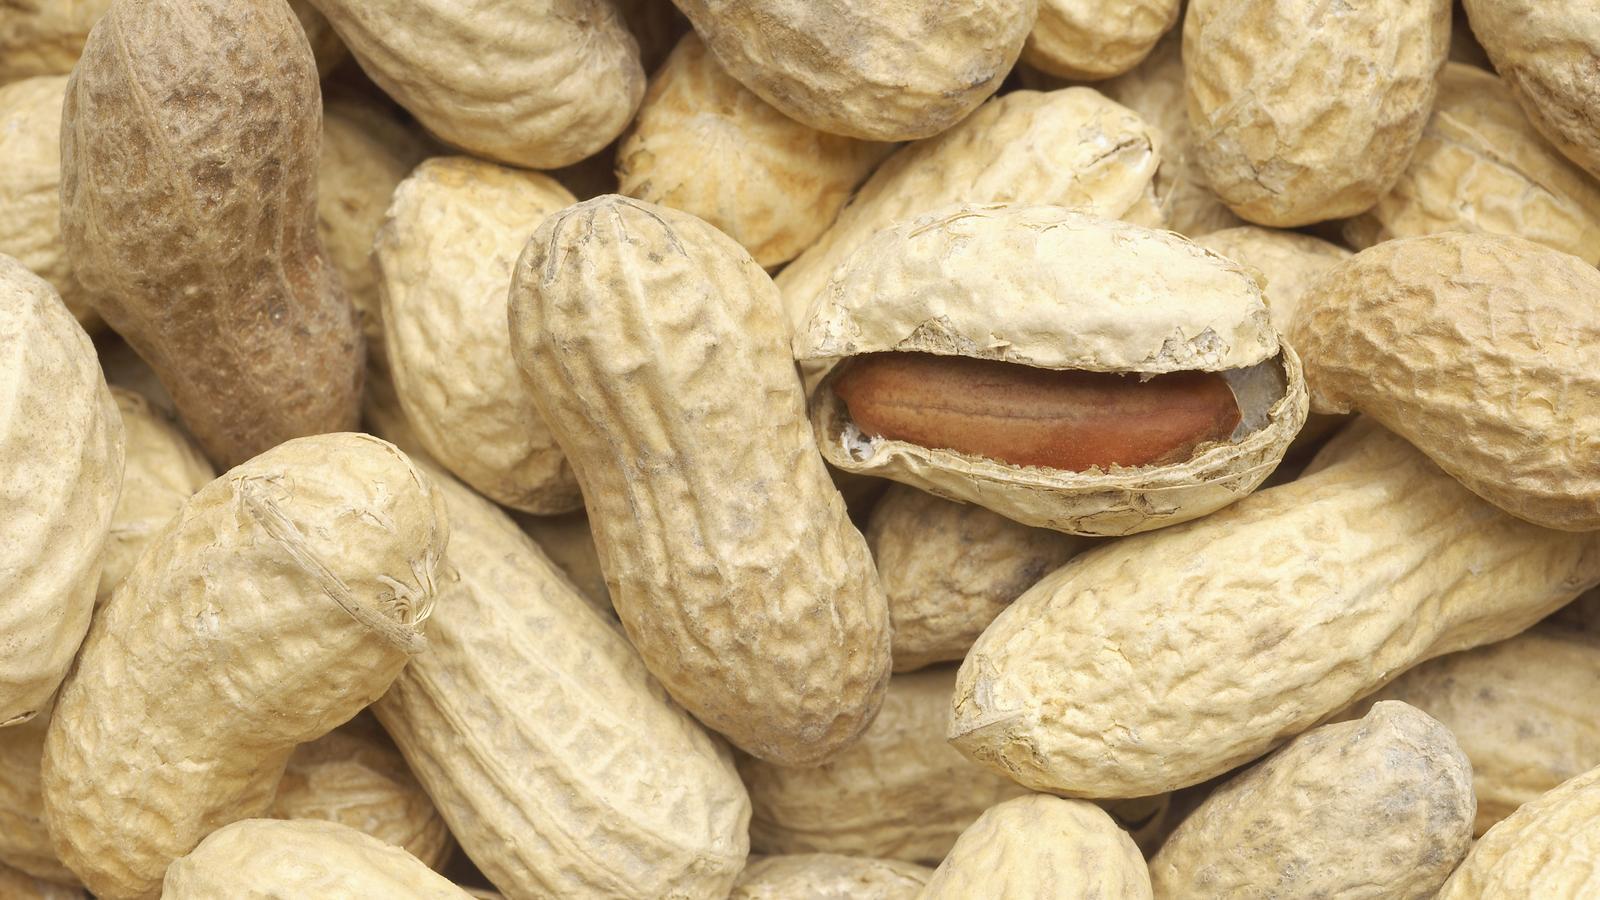 Cinc aliments que abans eren odiats i que ara els nutricionistes recomanen